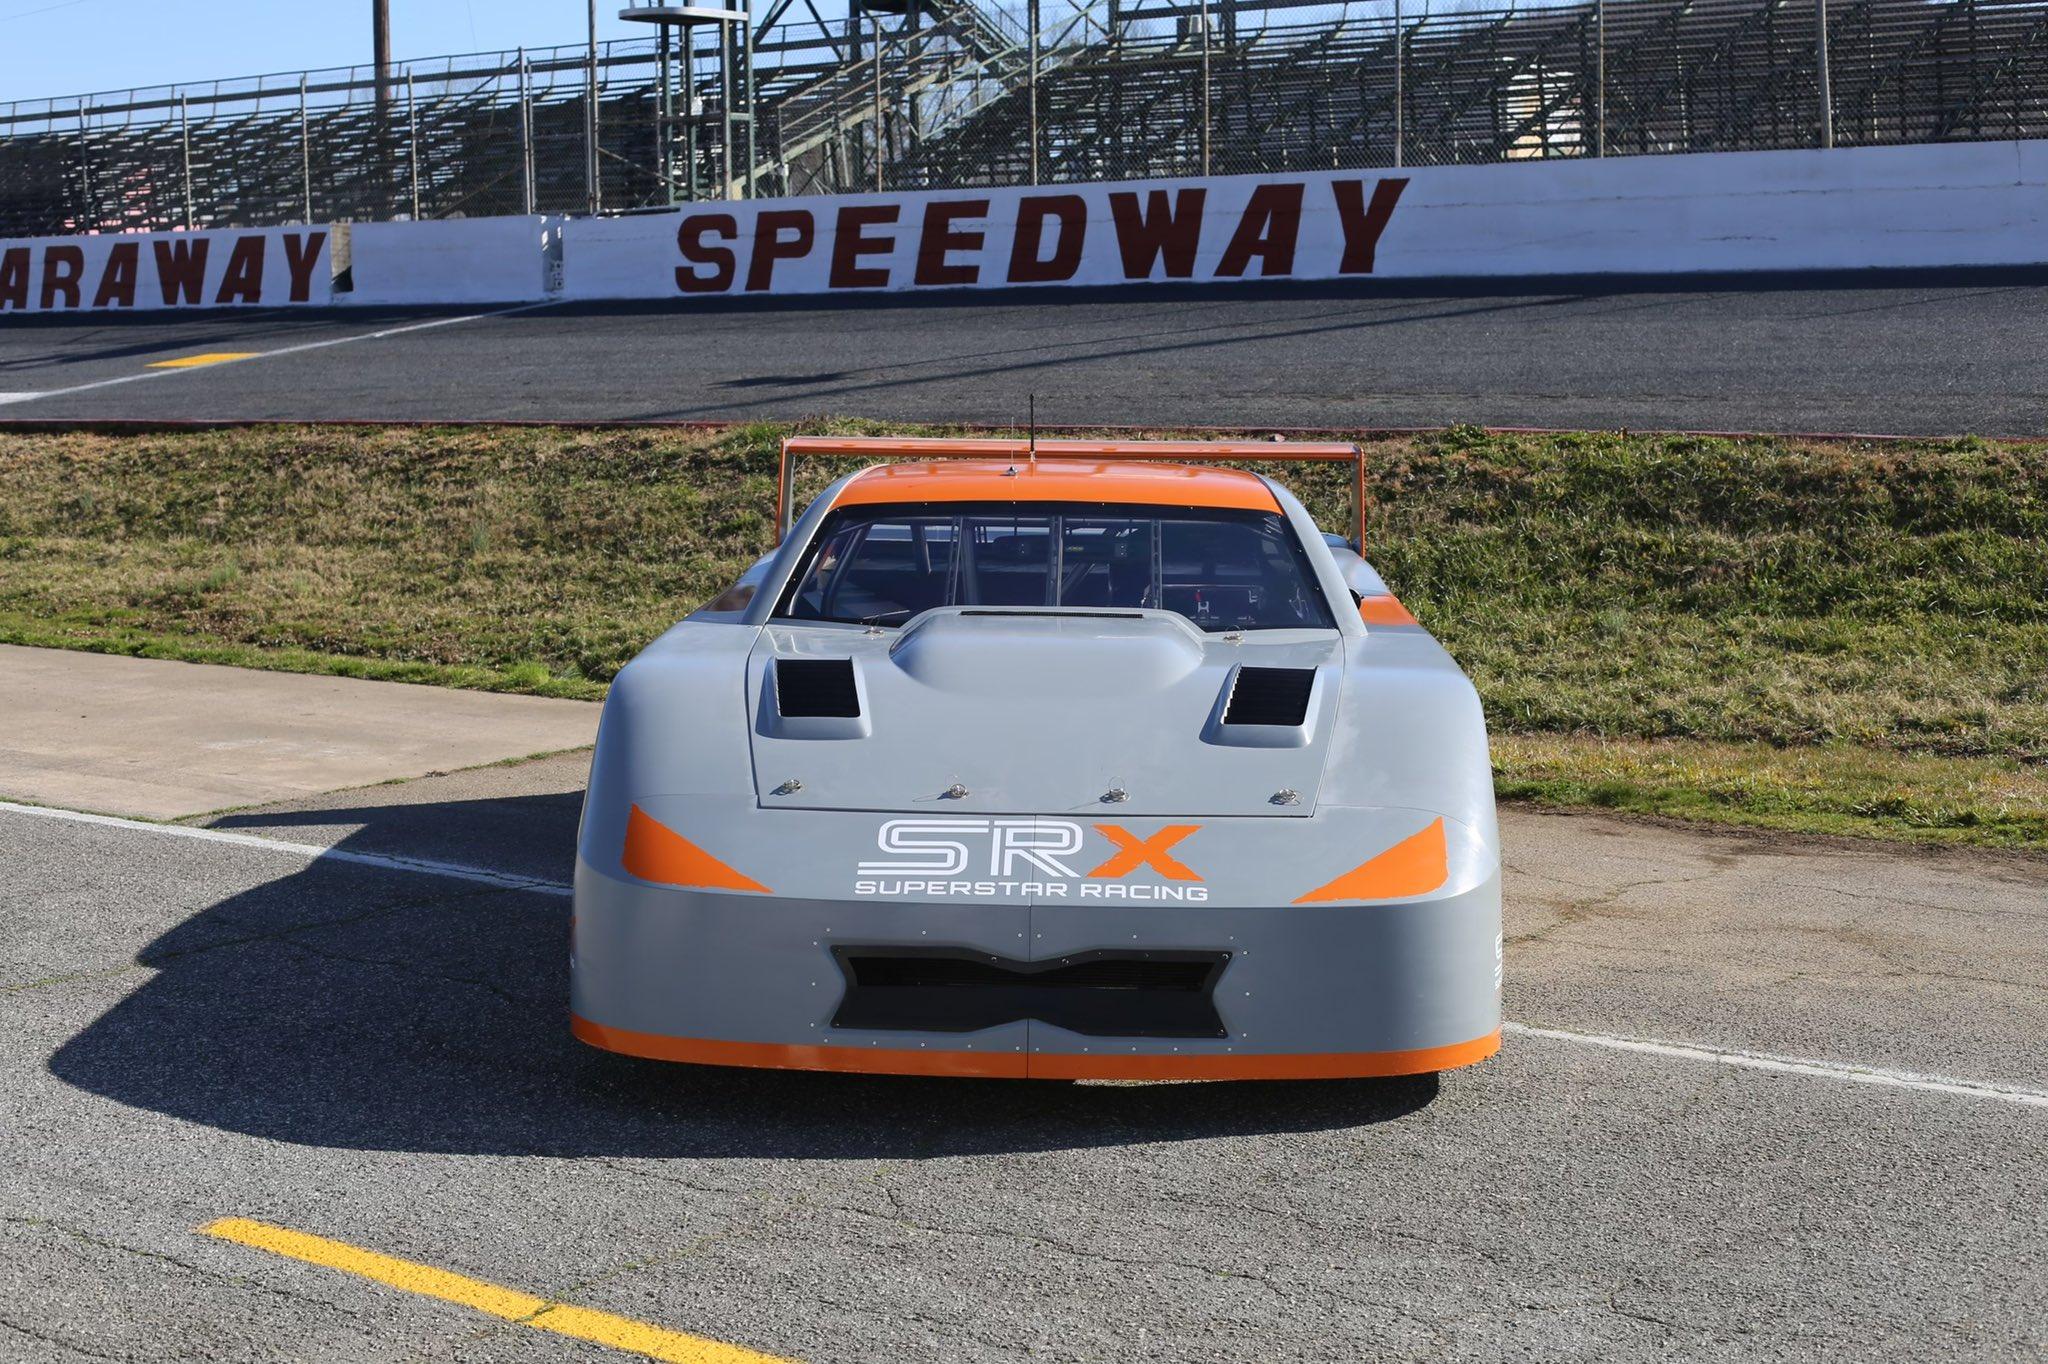 SRX race car photos released - Racing News